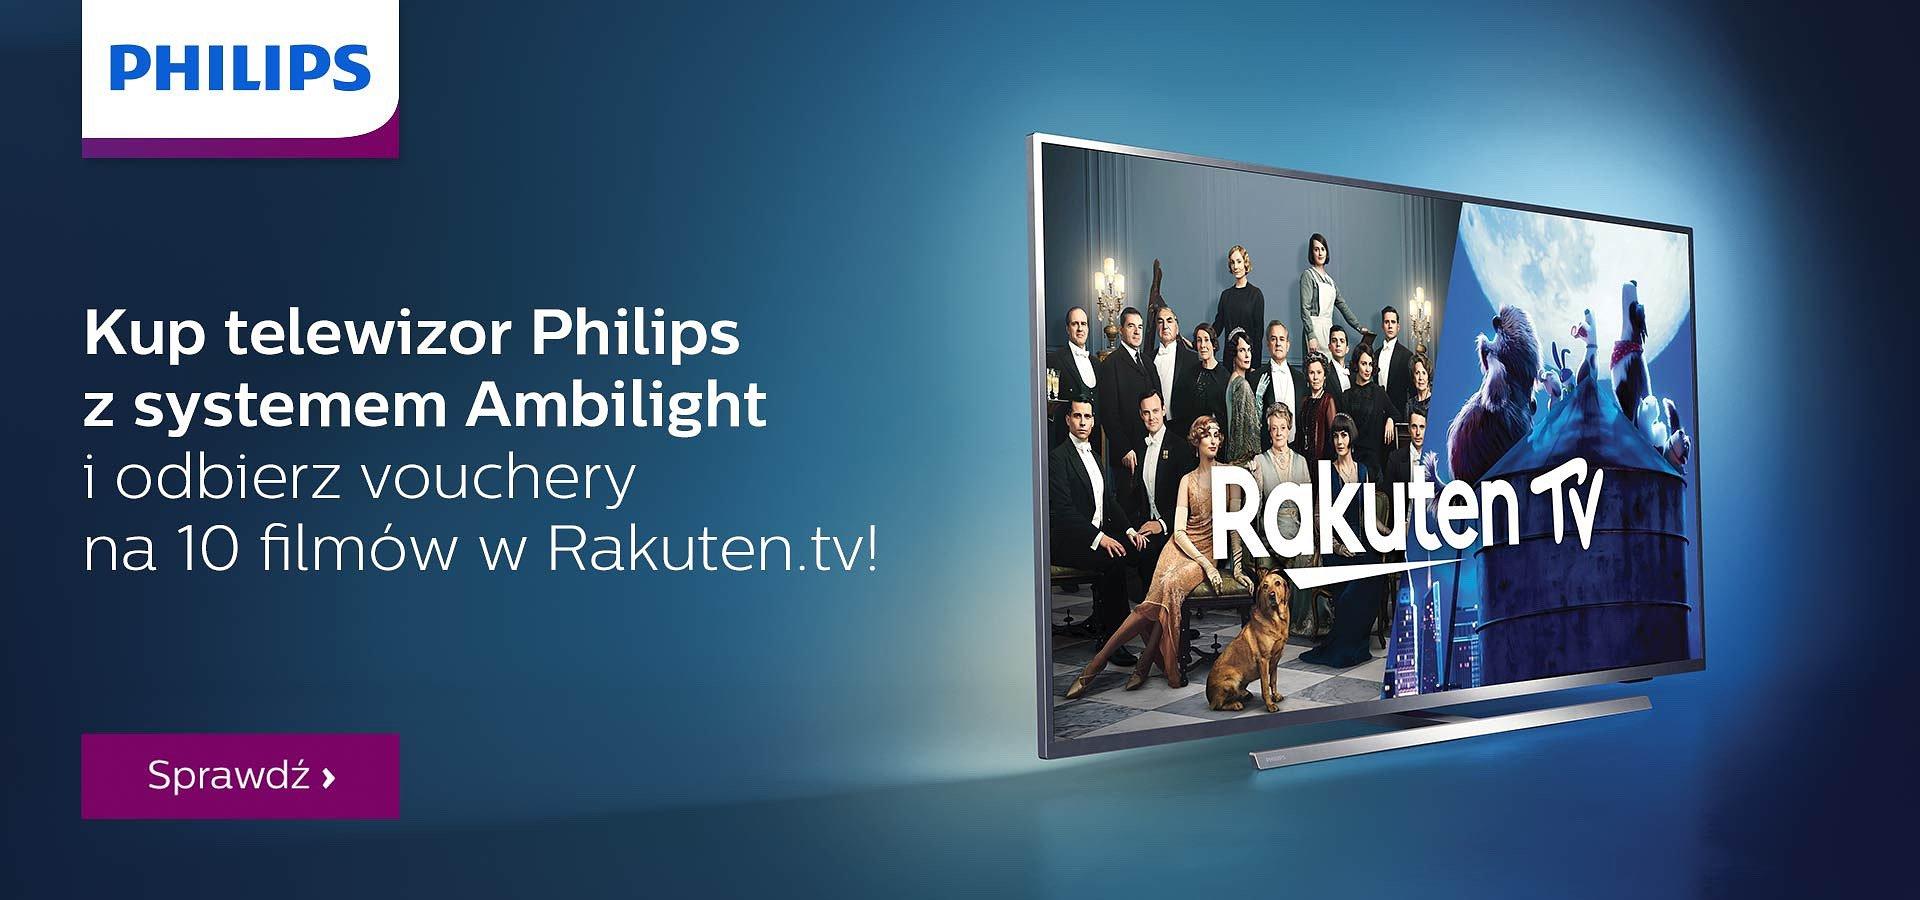 Kup telewizor Philips i odbierz vouchery na filmy w Rakuten.tv